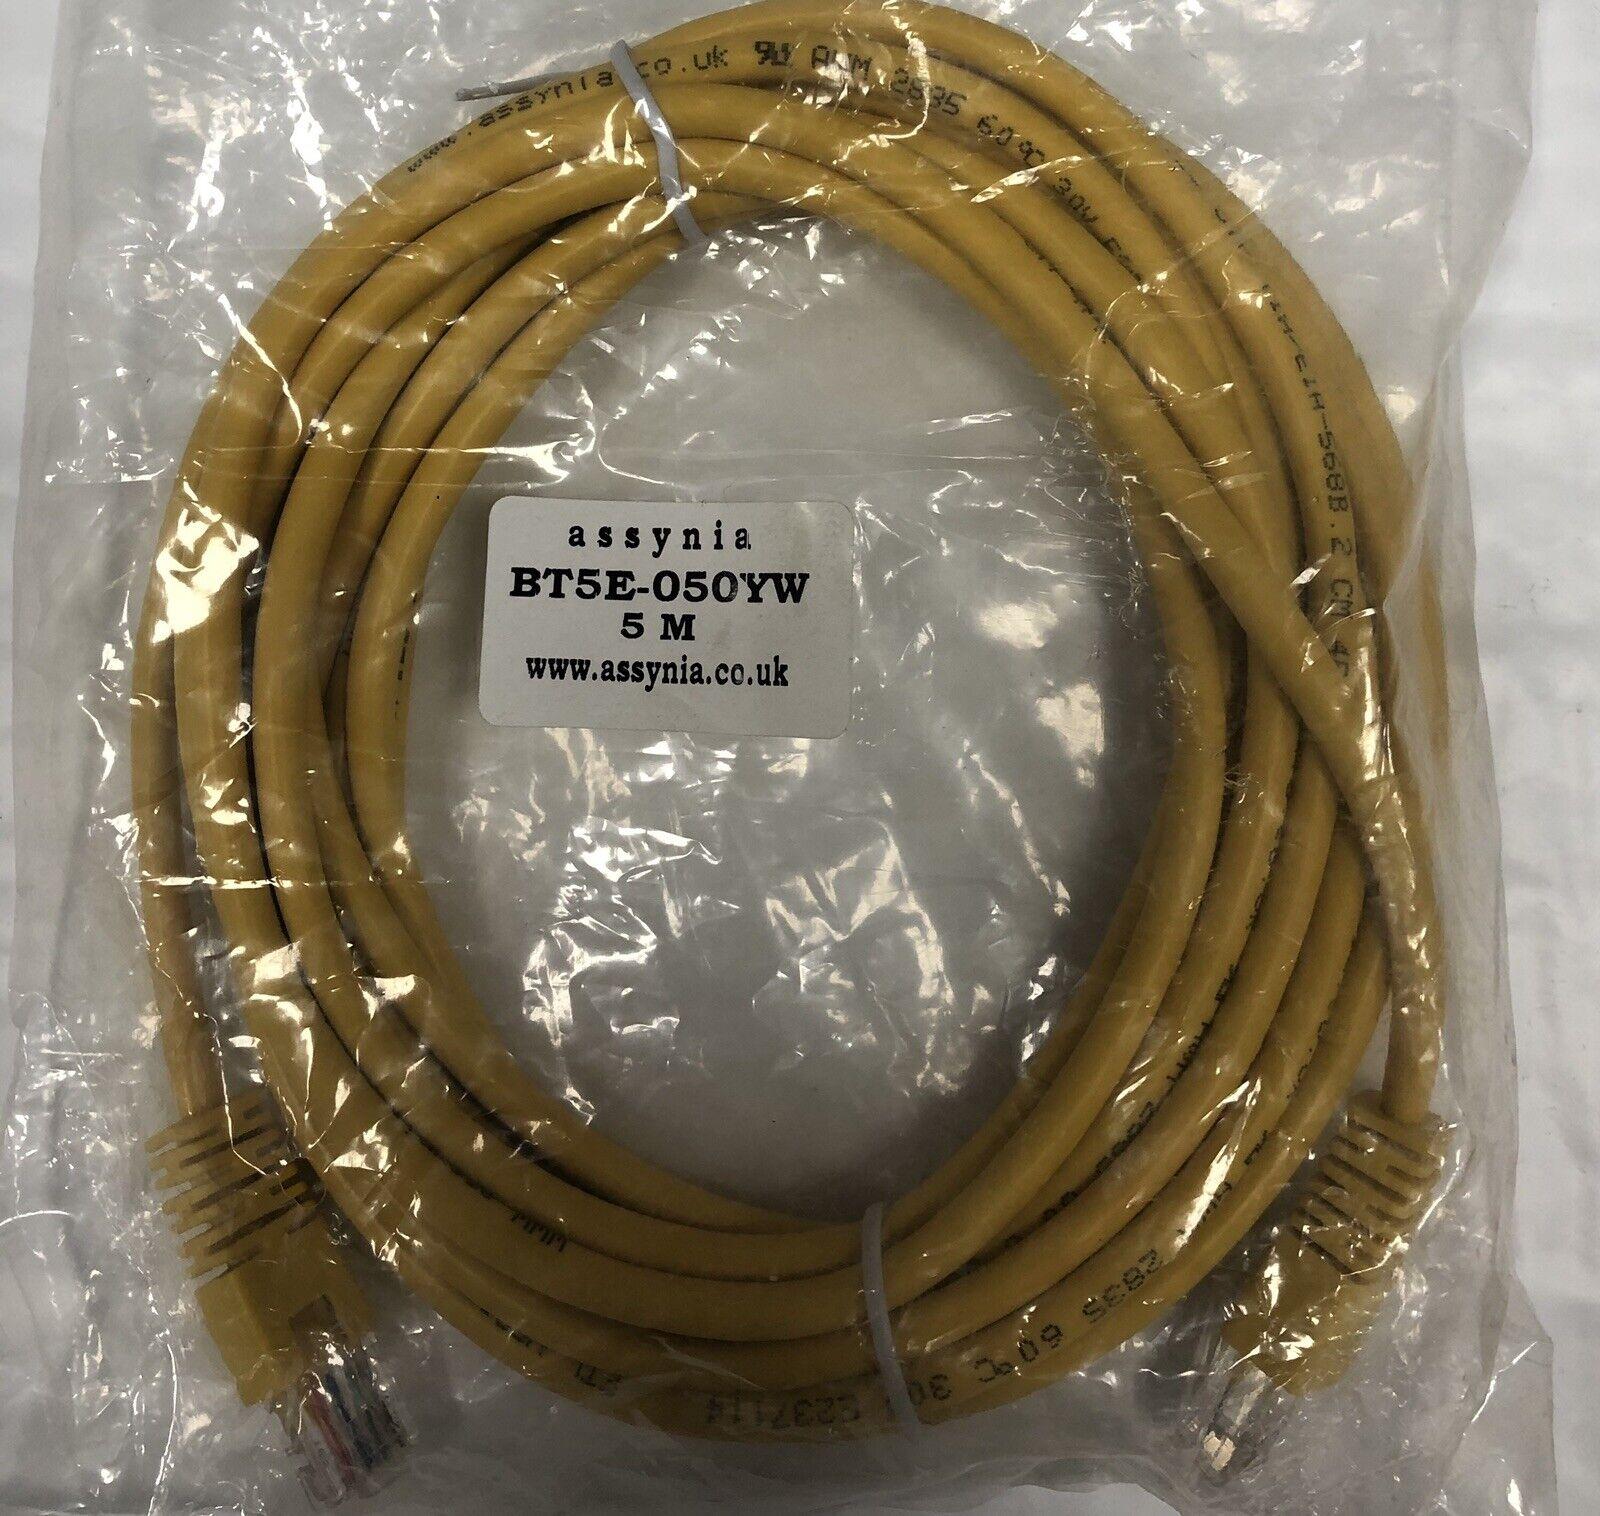 Assynia 5 metre Cat 5e Cable Yellow